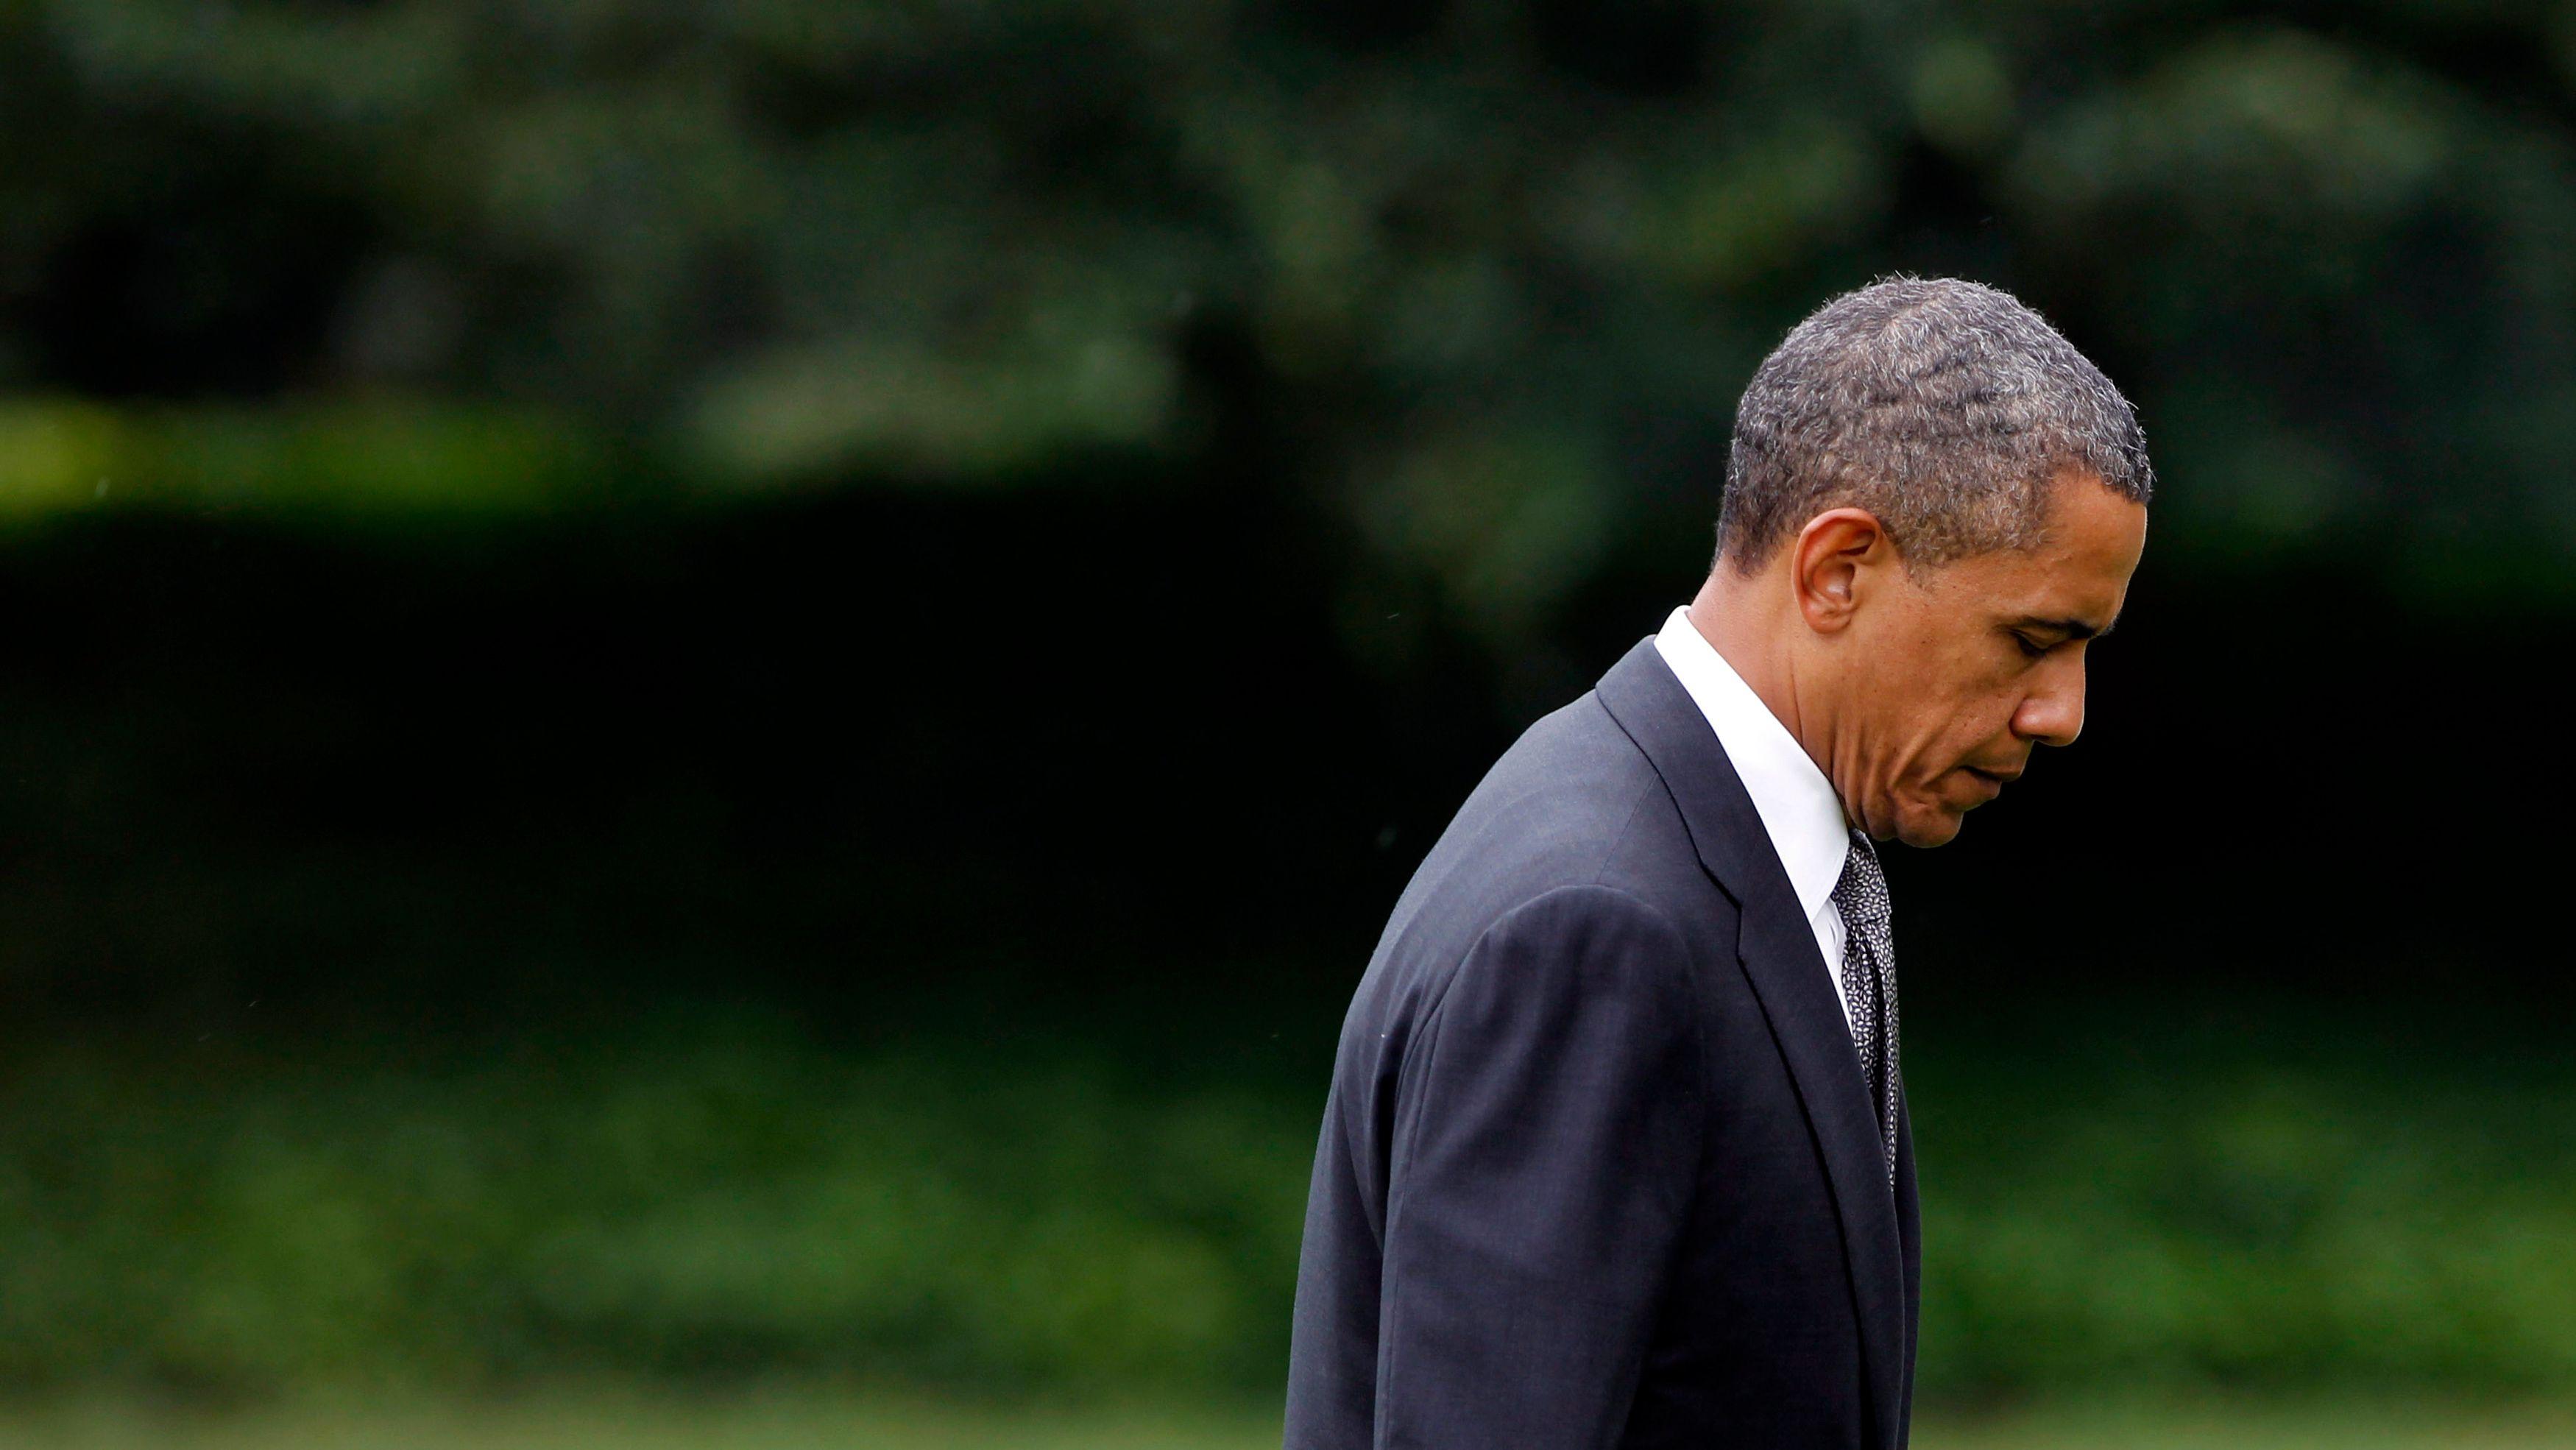 Le magazine Newsweek explique pourquoi Barack Obama ne doit pas être réélu, ce qui provoque une guerre de médias.